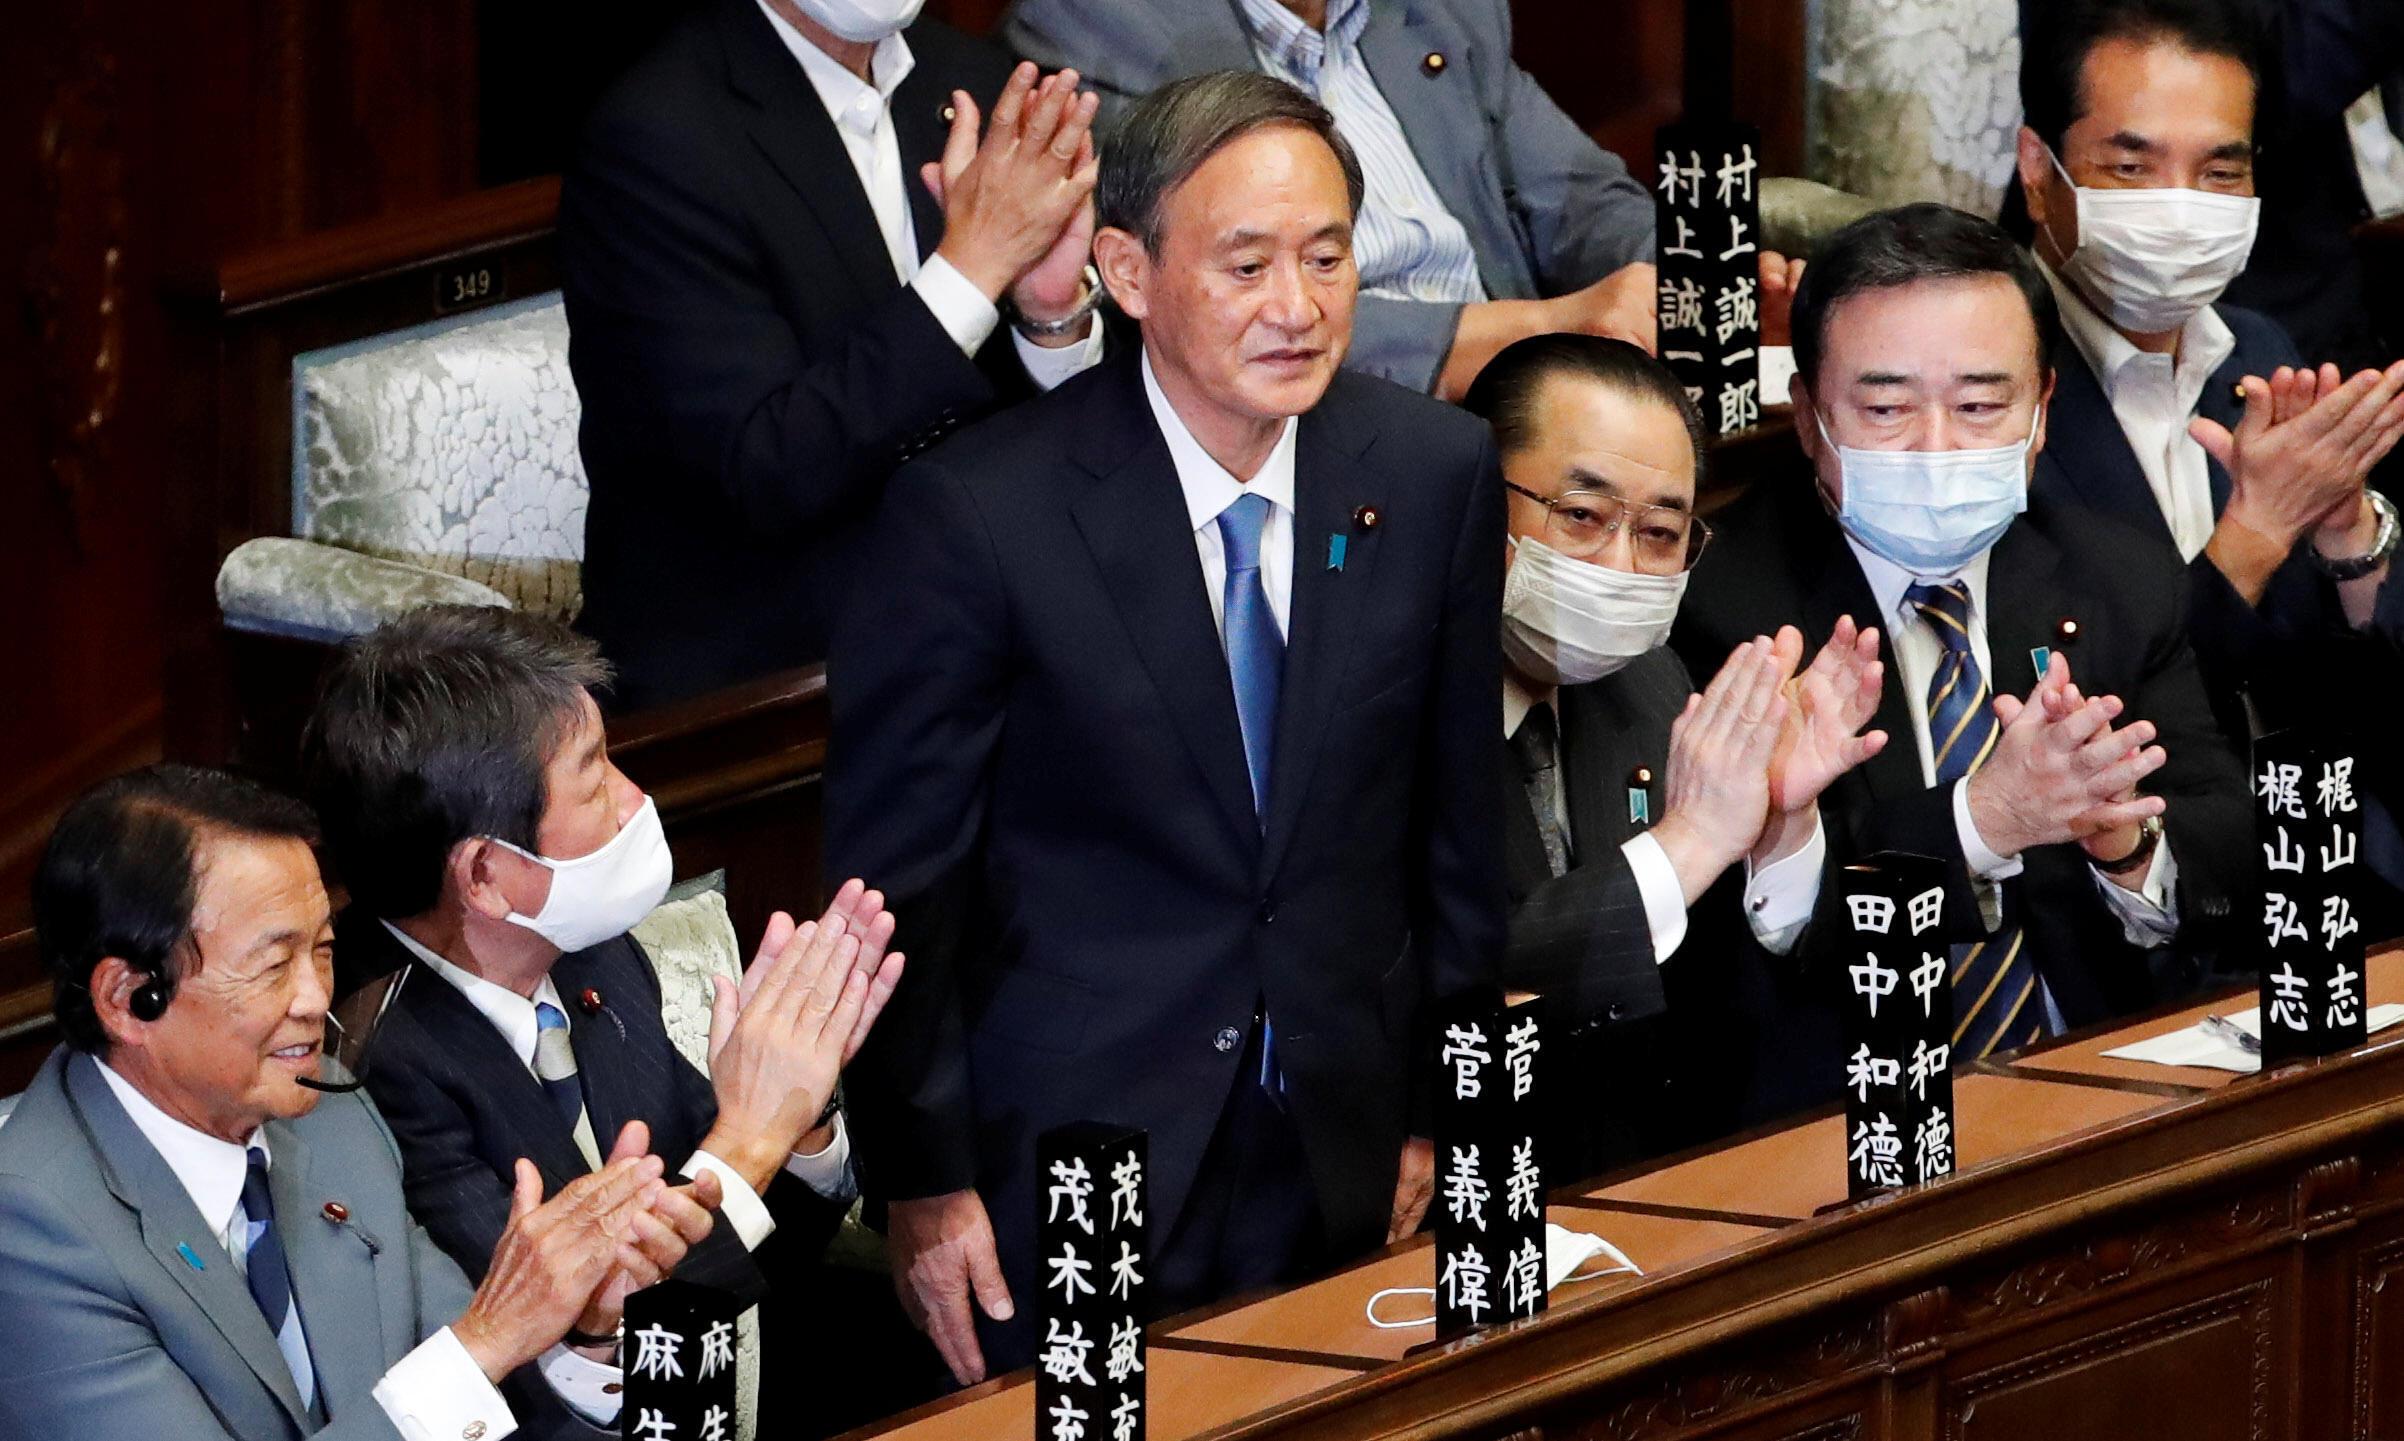 2020-09-16T050132Z_116637648_RC2HZI9VFFC3_RTRMADP_3_JAPAN-POLITICS